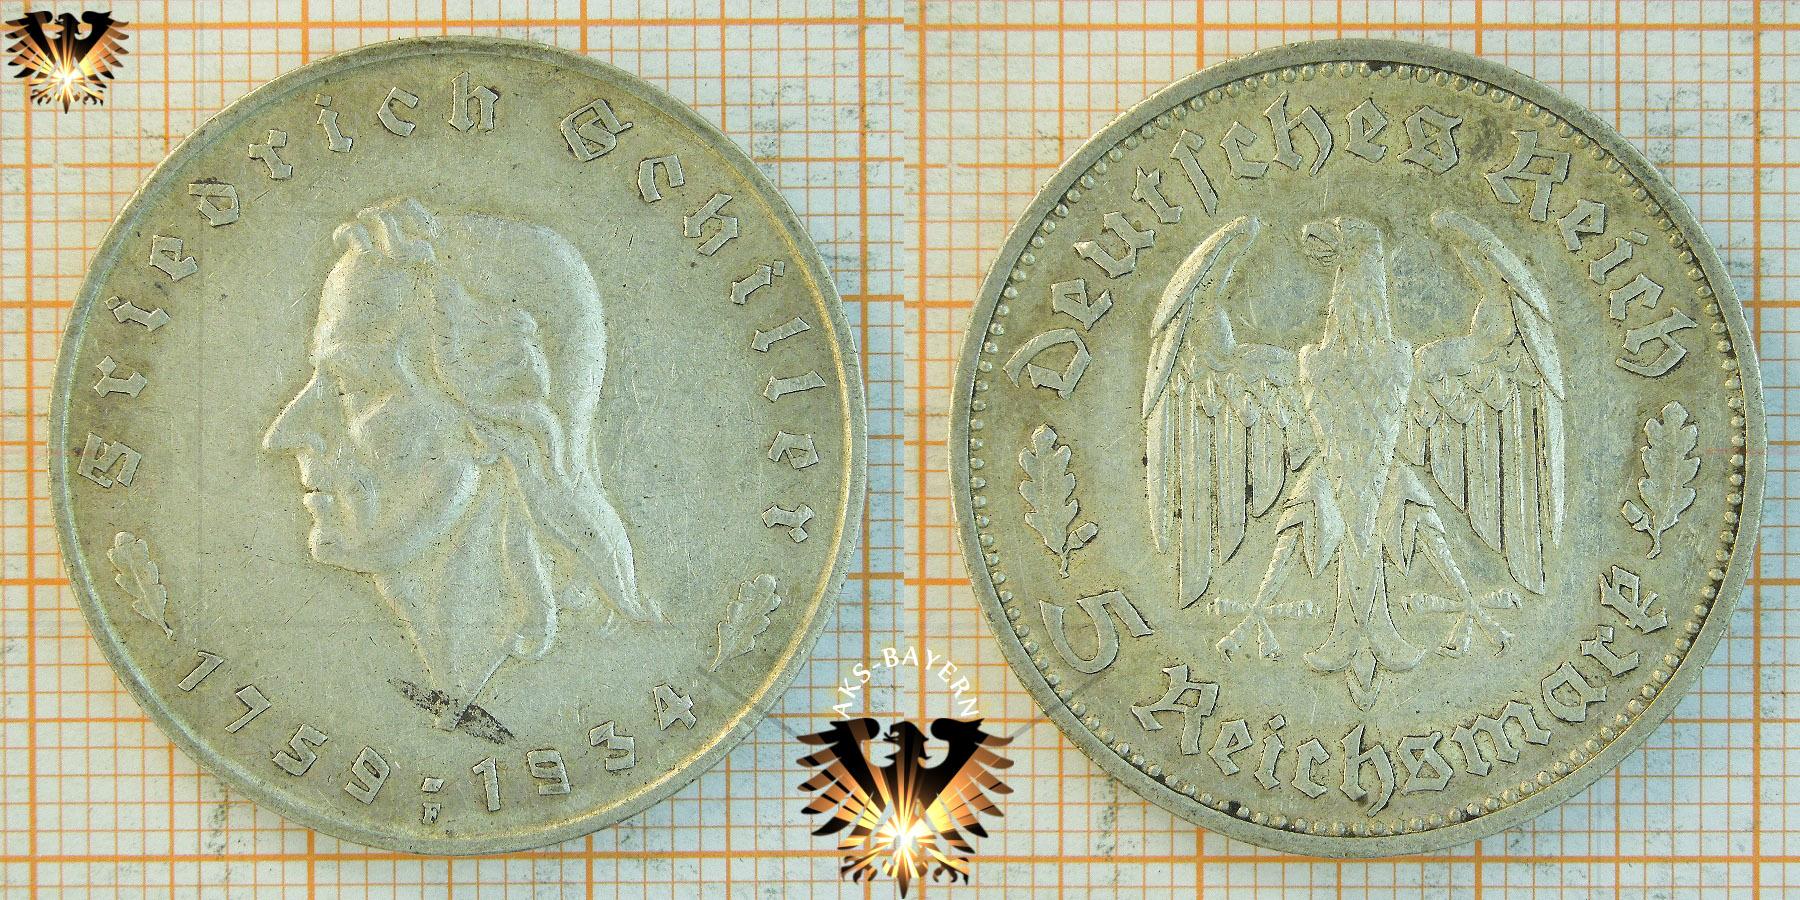 5 reichsmark 1934 f friedrich von schiller gedenkm nze. Black Bedroom Furniture Sets. Home Design Ideas